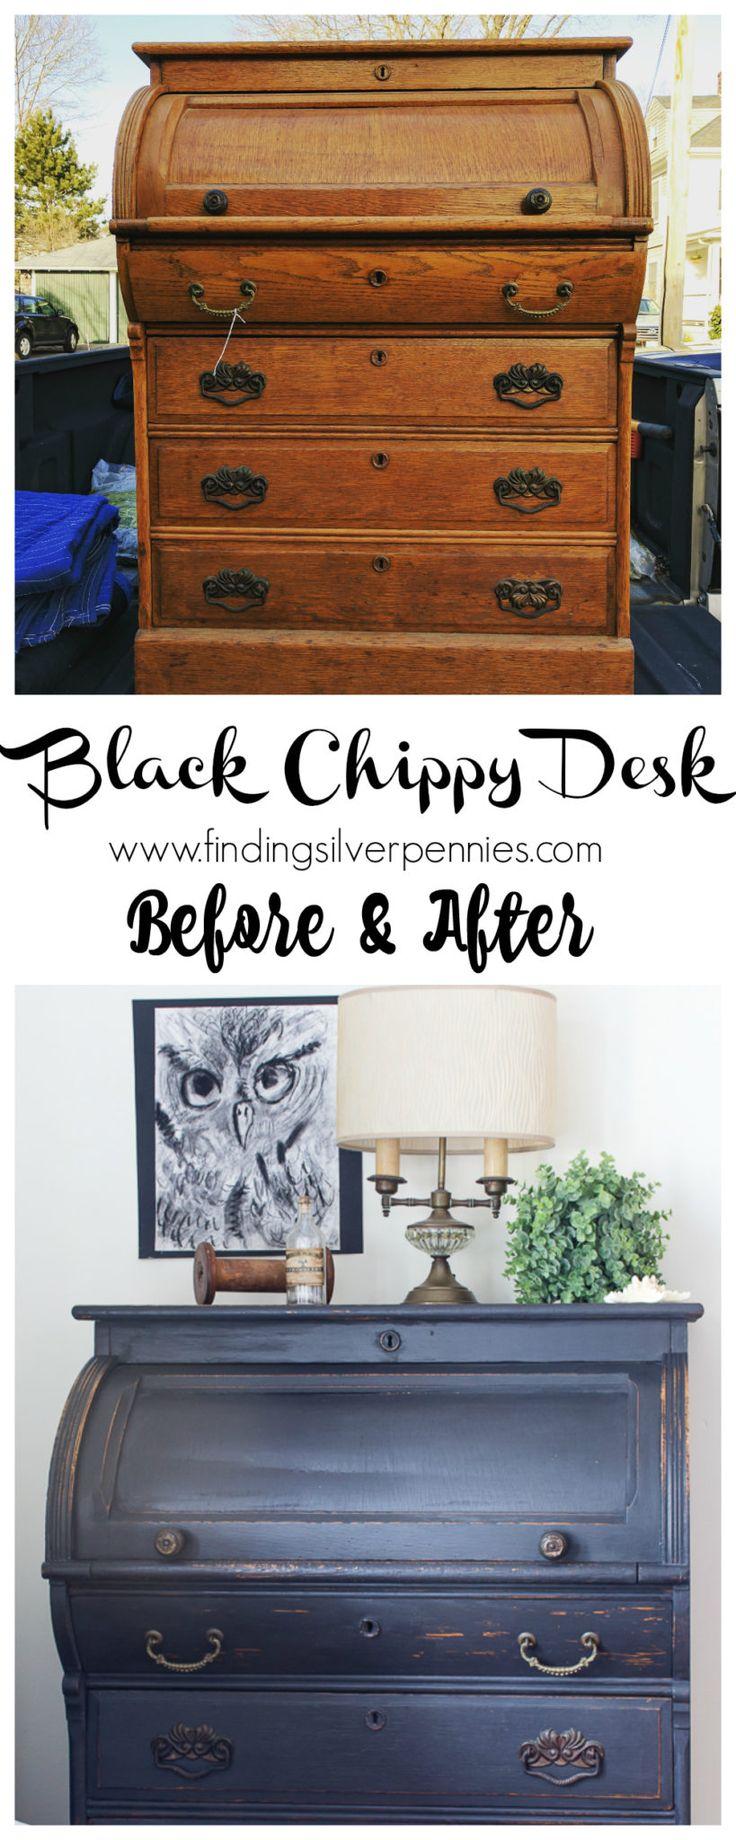 Furniture painting ideas techniques - A Black Chippy Roll Top Desk Desk Makeoverdesk Redofurniture Redopainted Furniturefurniture Ideasdiy Cabinetspainting Techniquespaint